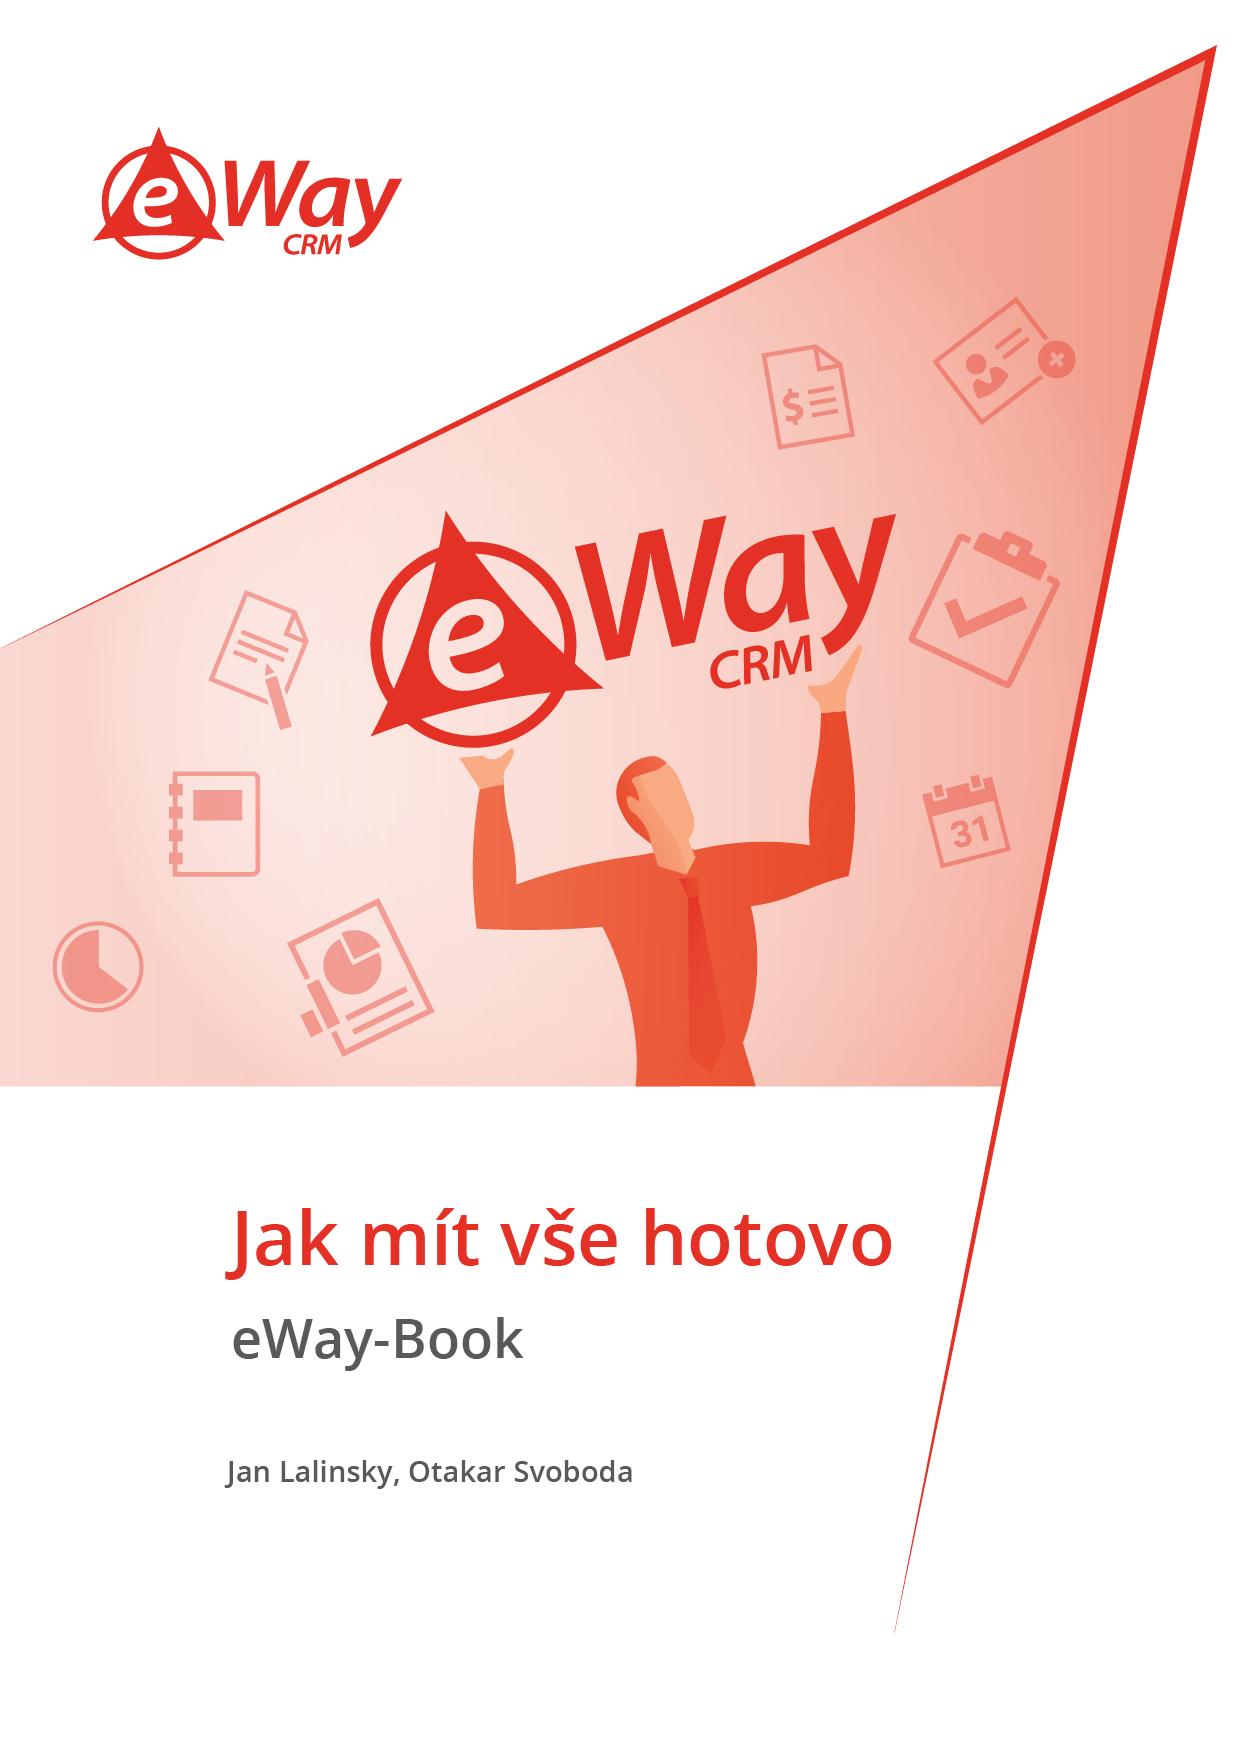 eWay-Book GTD